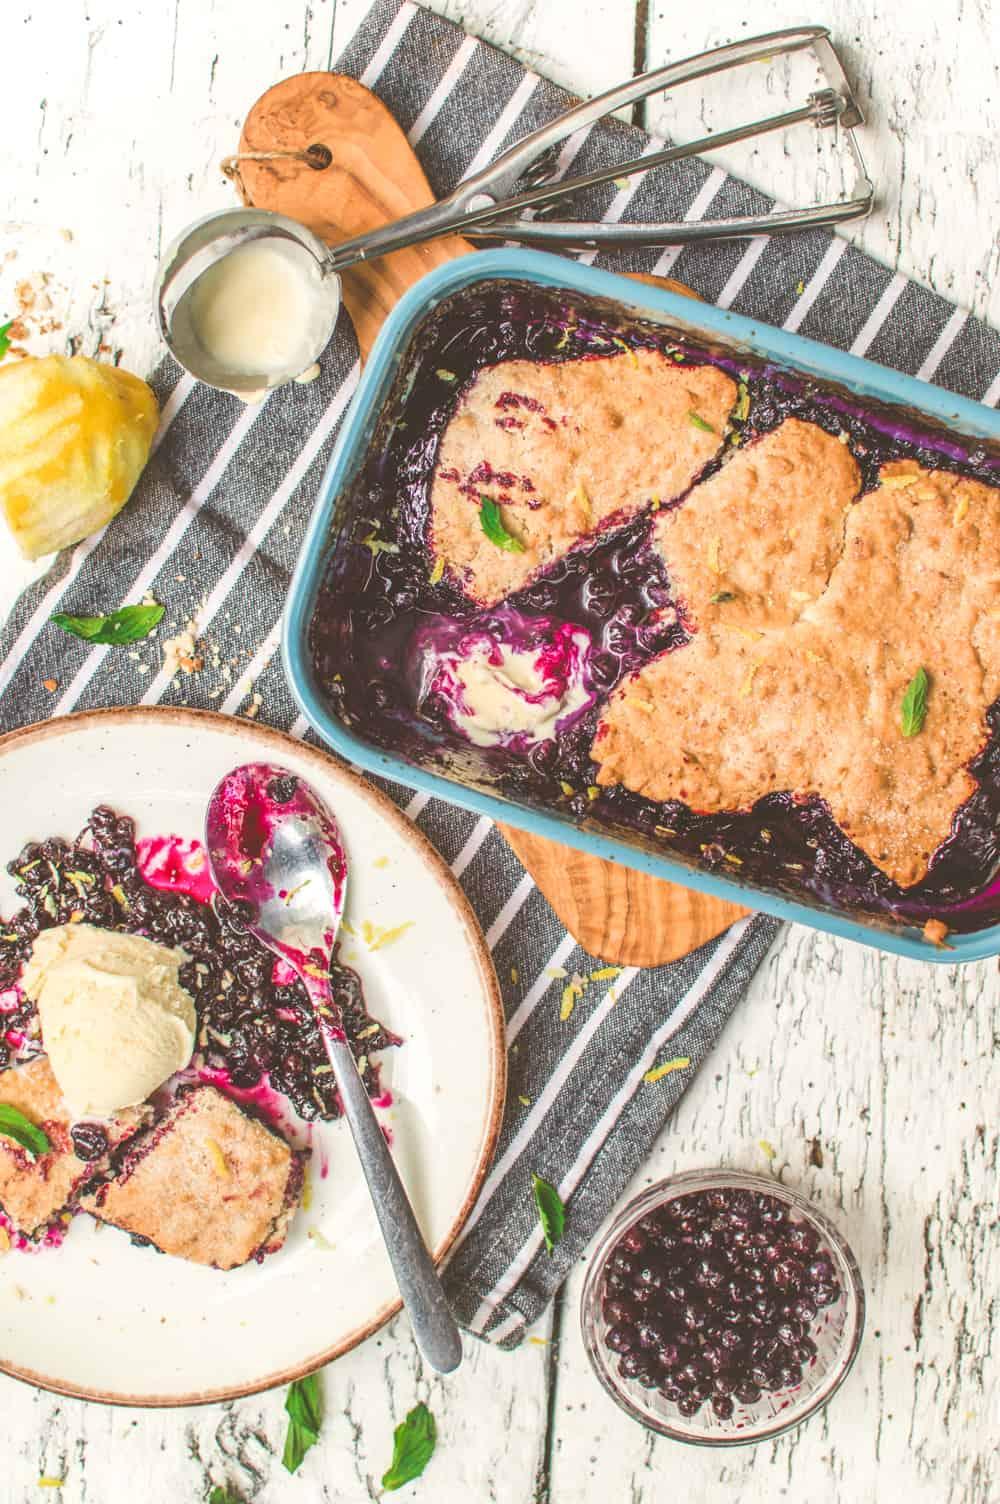 Vegan Blueberry Cobbler | Super-Easy Classic Dessert Recipe | #blueberries #cobbler #vegan #easy #dessert #worldofvegan